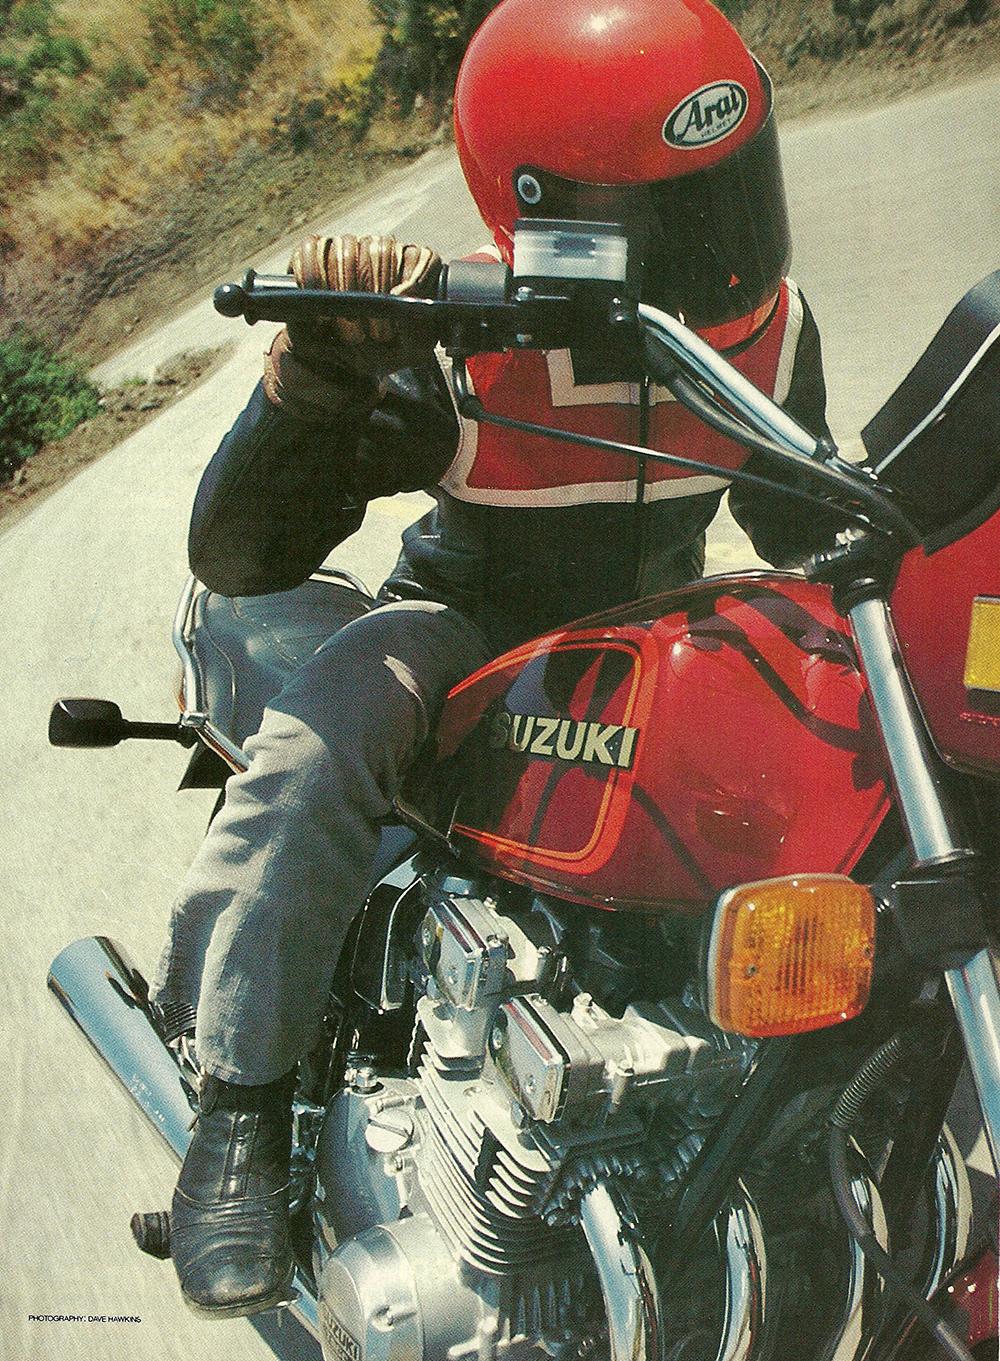 1981 Suzuki GS750 EX road test 01.jpg